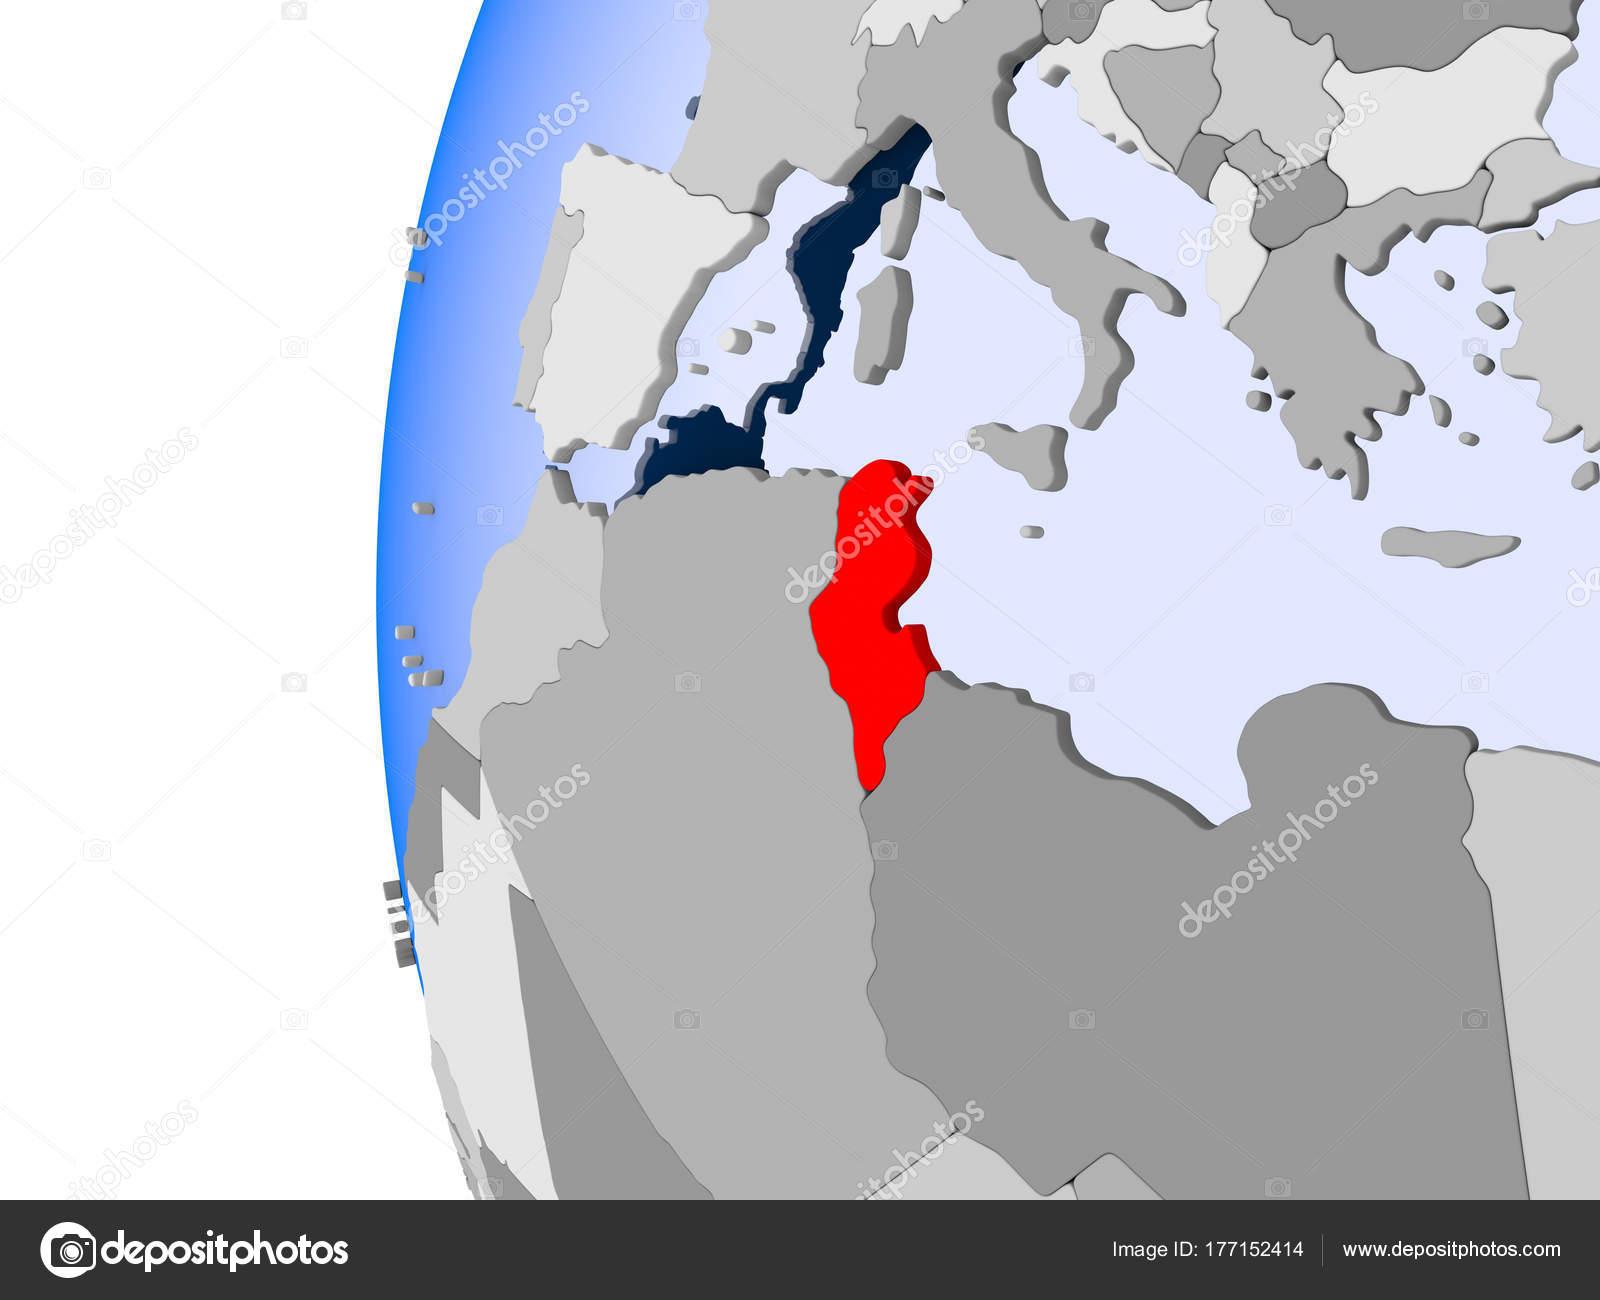 Tunesien Karte Welt.Karte Von Tunesien Auf Politische Welt Stockfoto C Tom